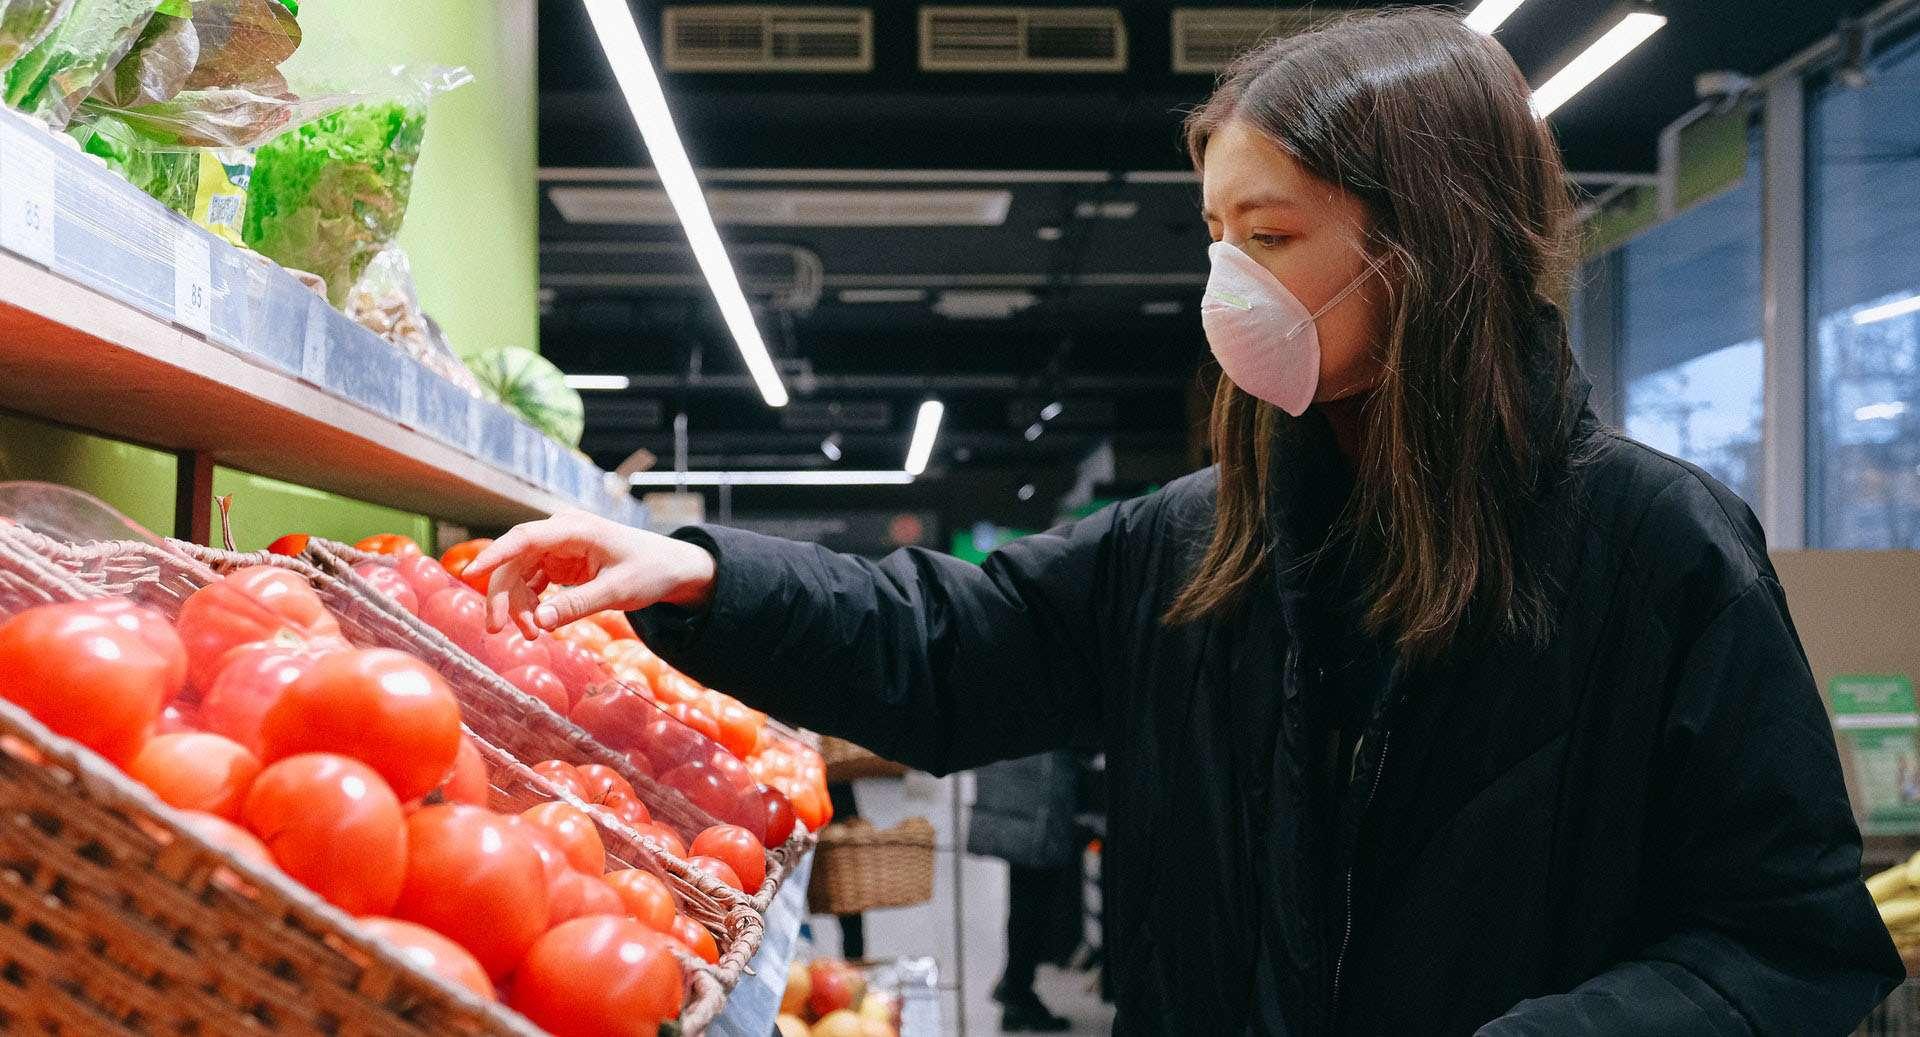 Μέτρα προστασίας σε επιχειρήσεις τροφίμων